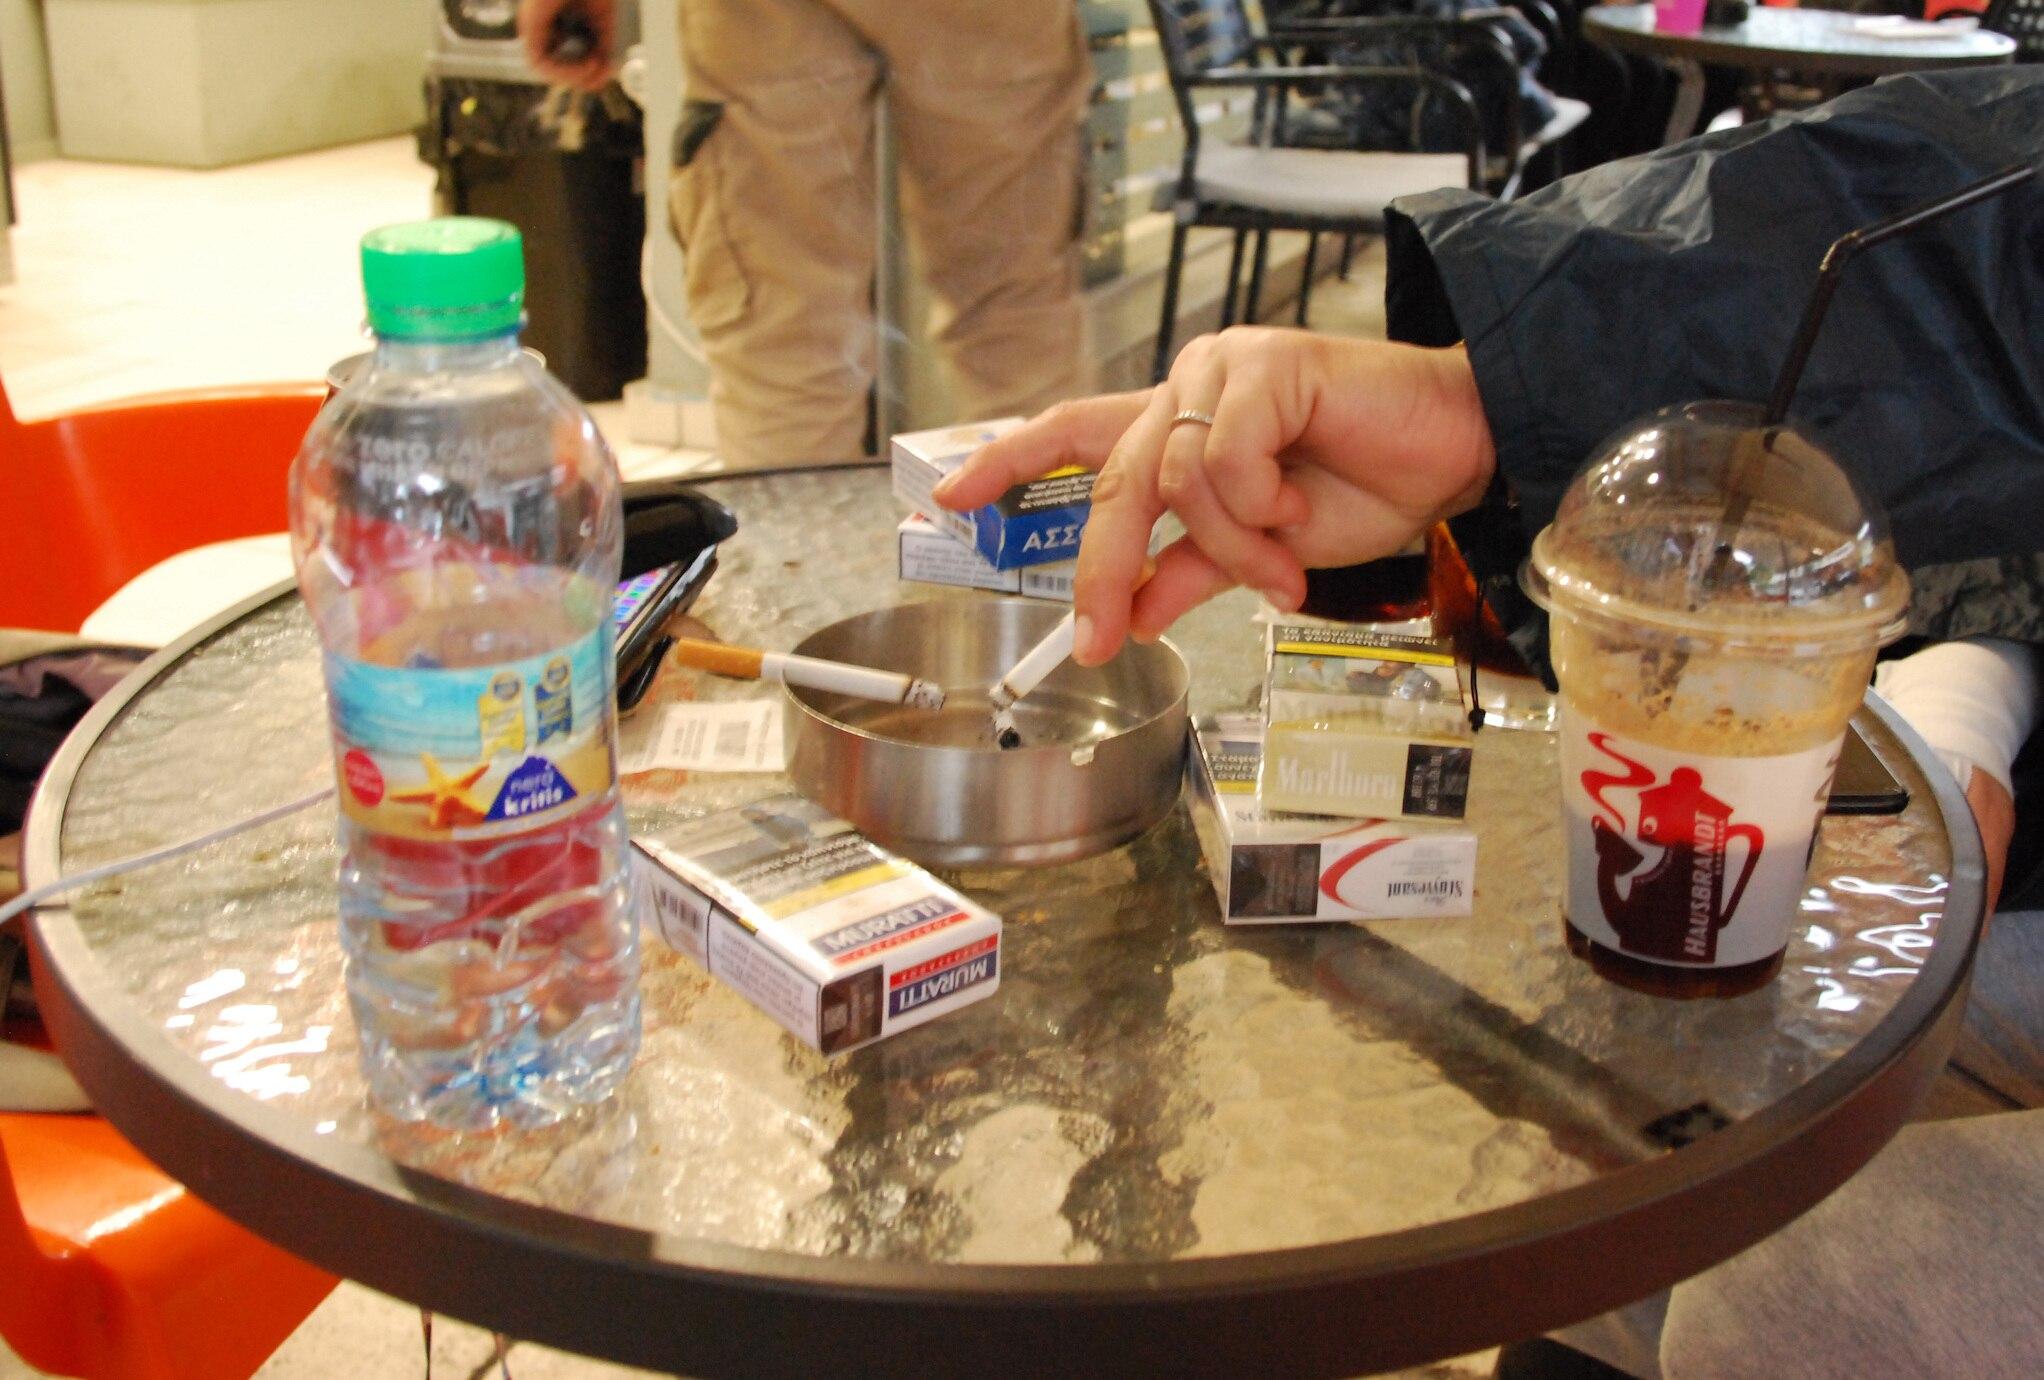 Griechenland will verstärkt gegen das Rauchen vorgehen